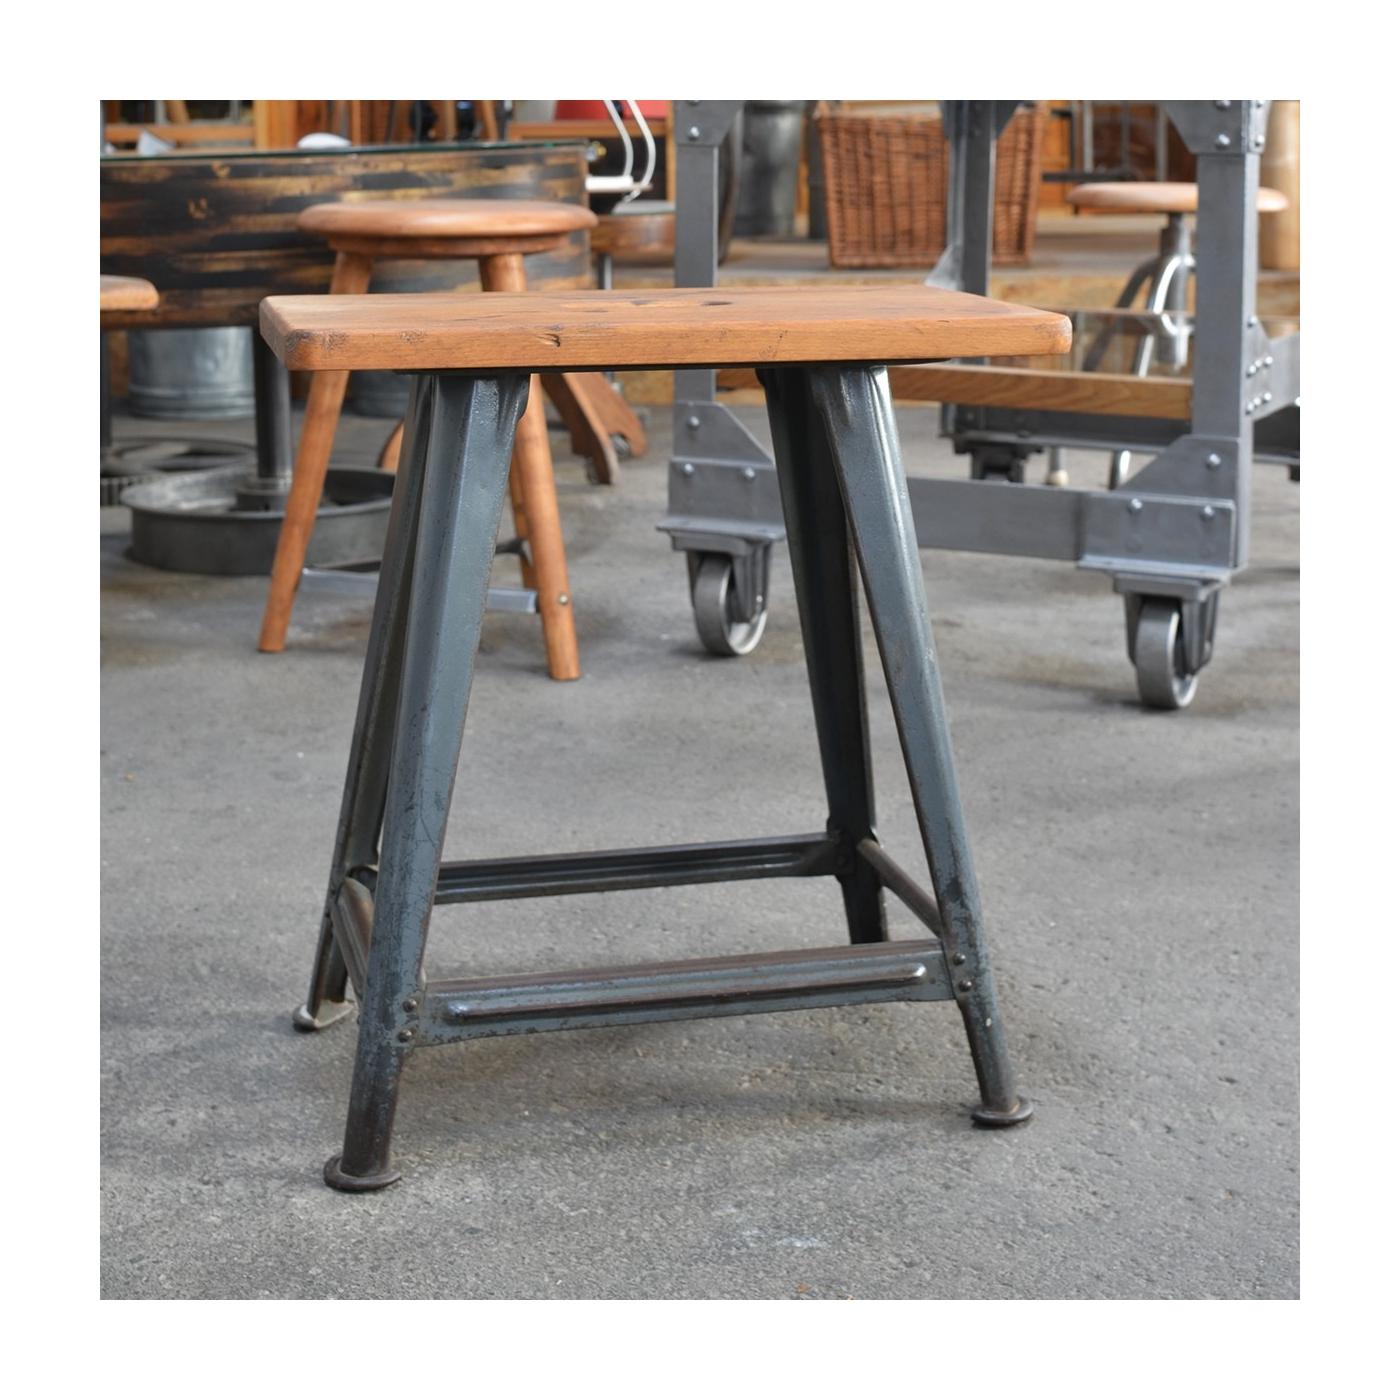 rowac werkstatthocker mit stahlgestell und original lack. Black Bedroom Furniture Sets. Home Design Ideas